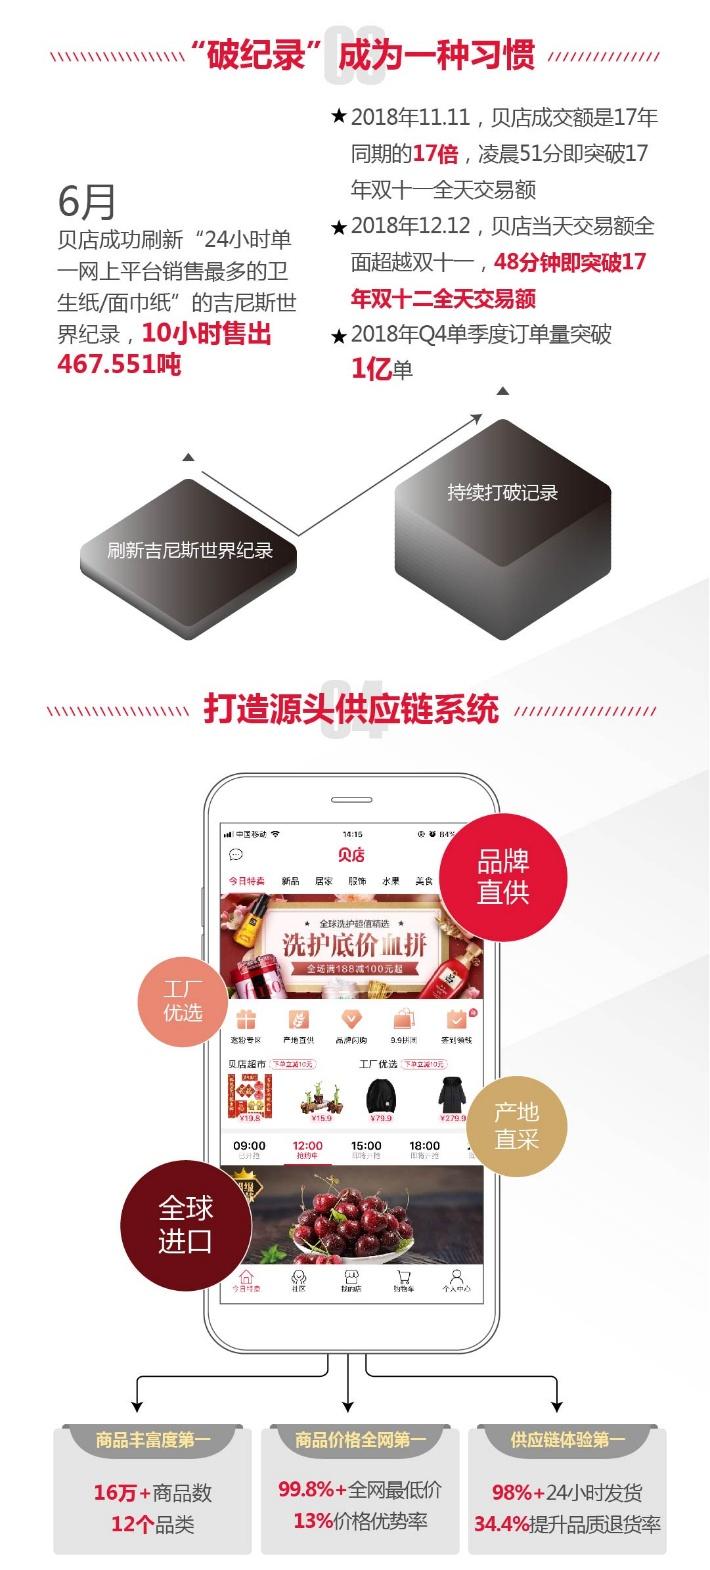 中国移动互联网2018年报:贝店月活超1500万 成为社交电商年度最大黑马